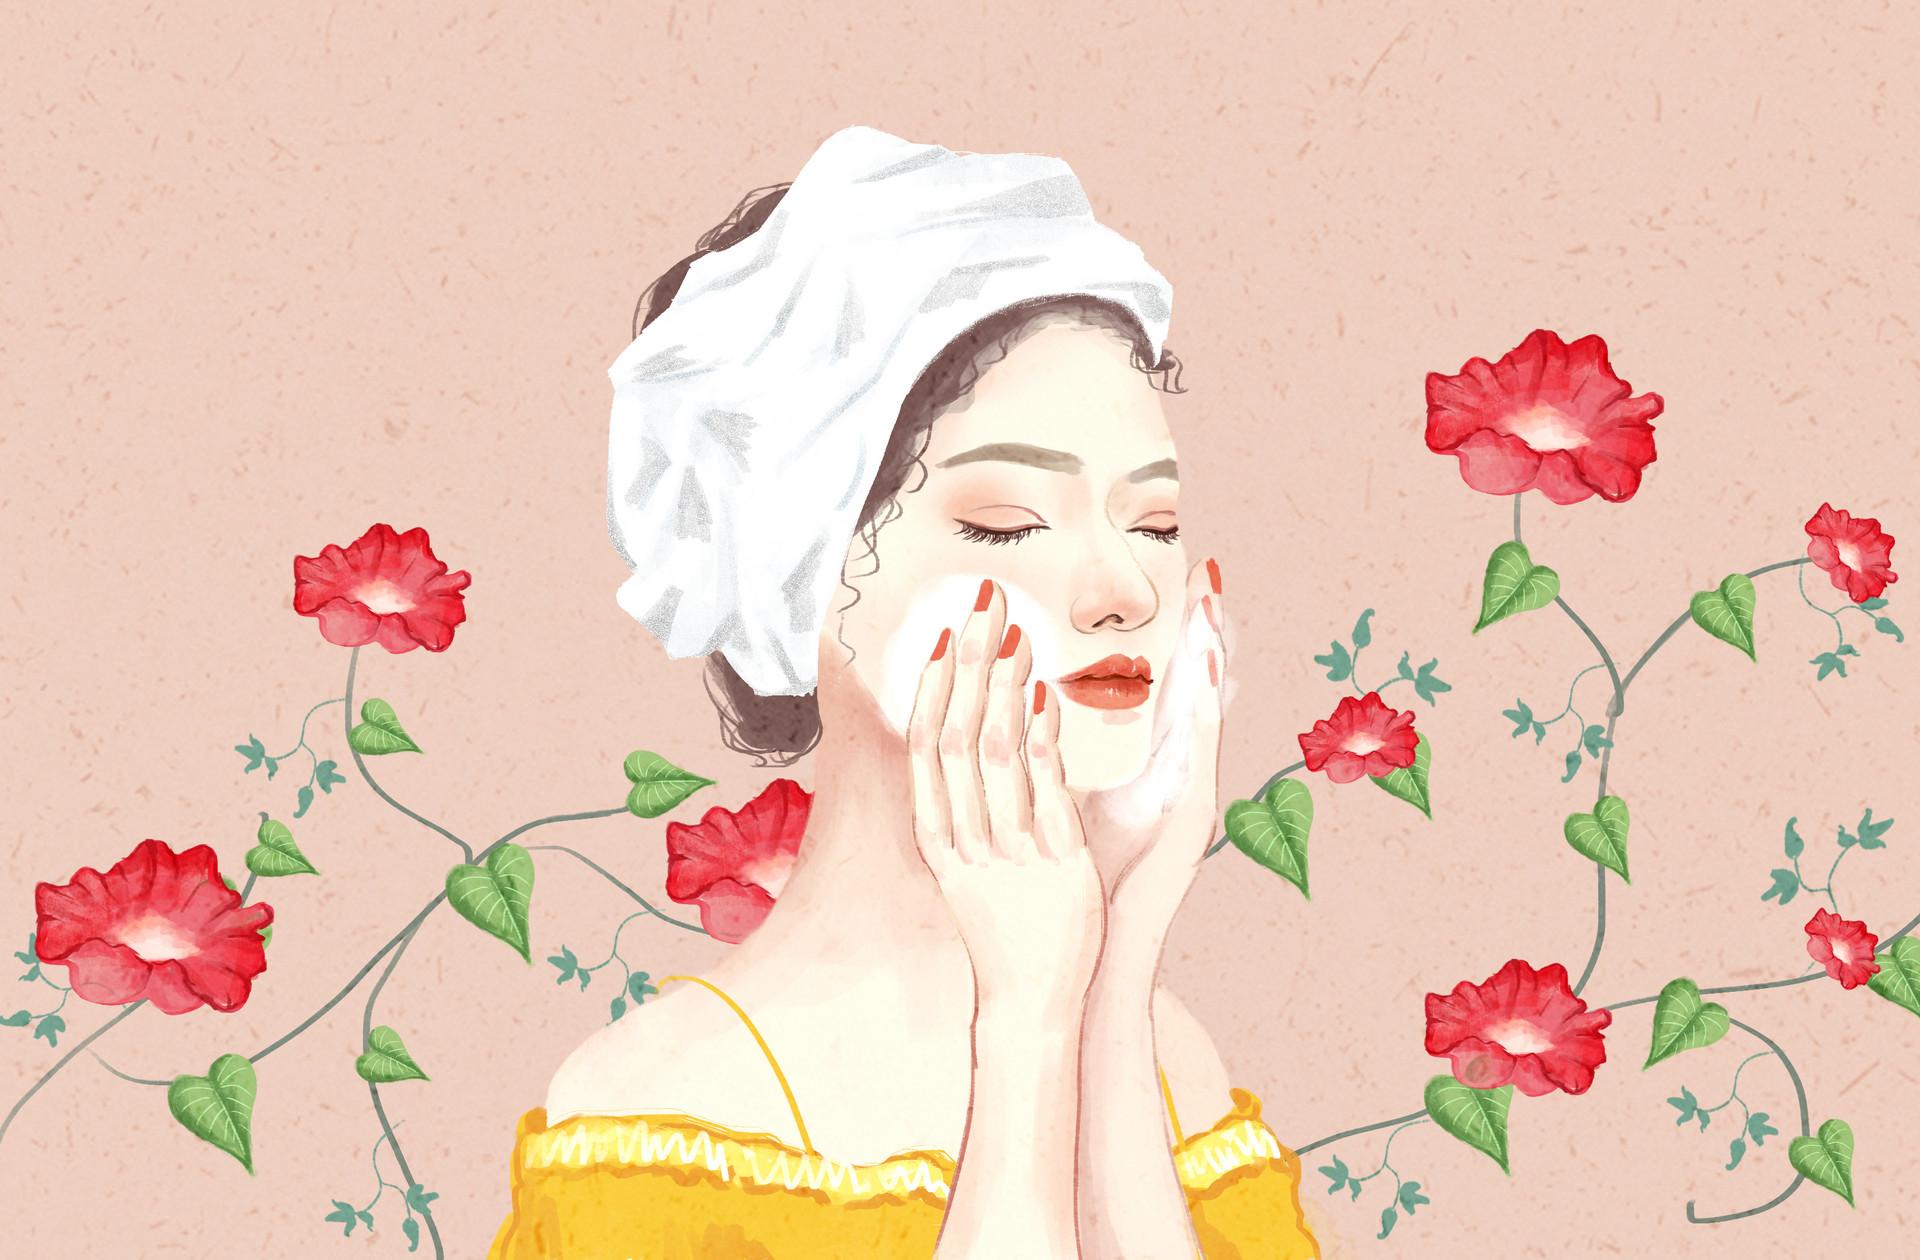 美容营养品成为新风口,多家企业纷纷抢滩布局